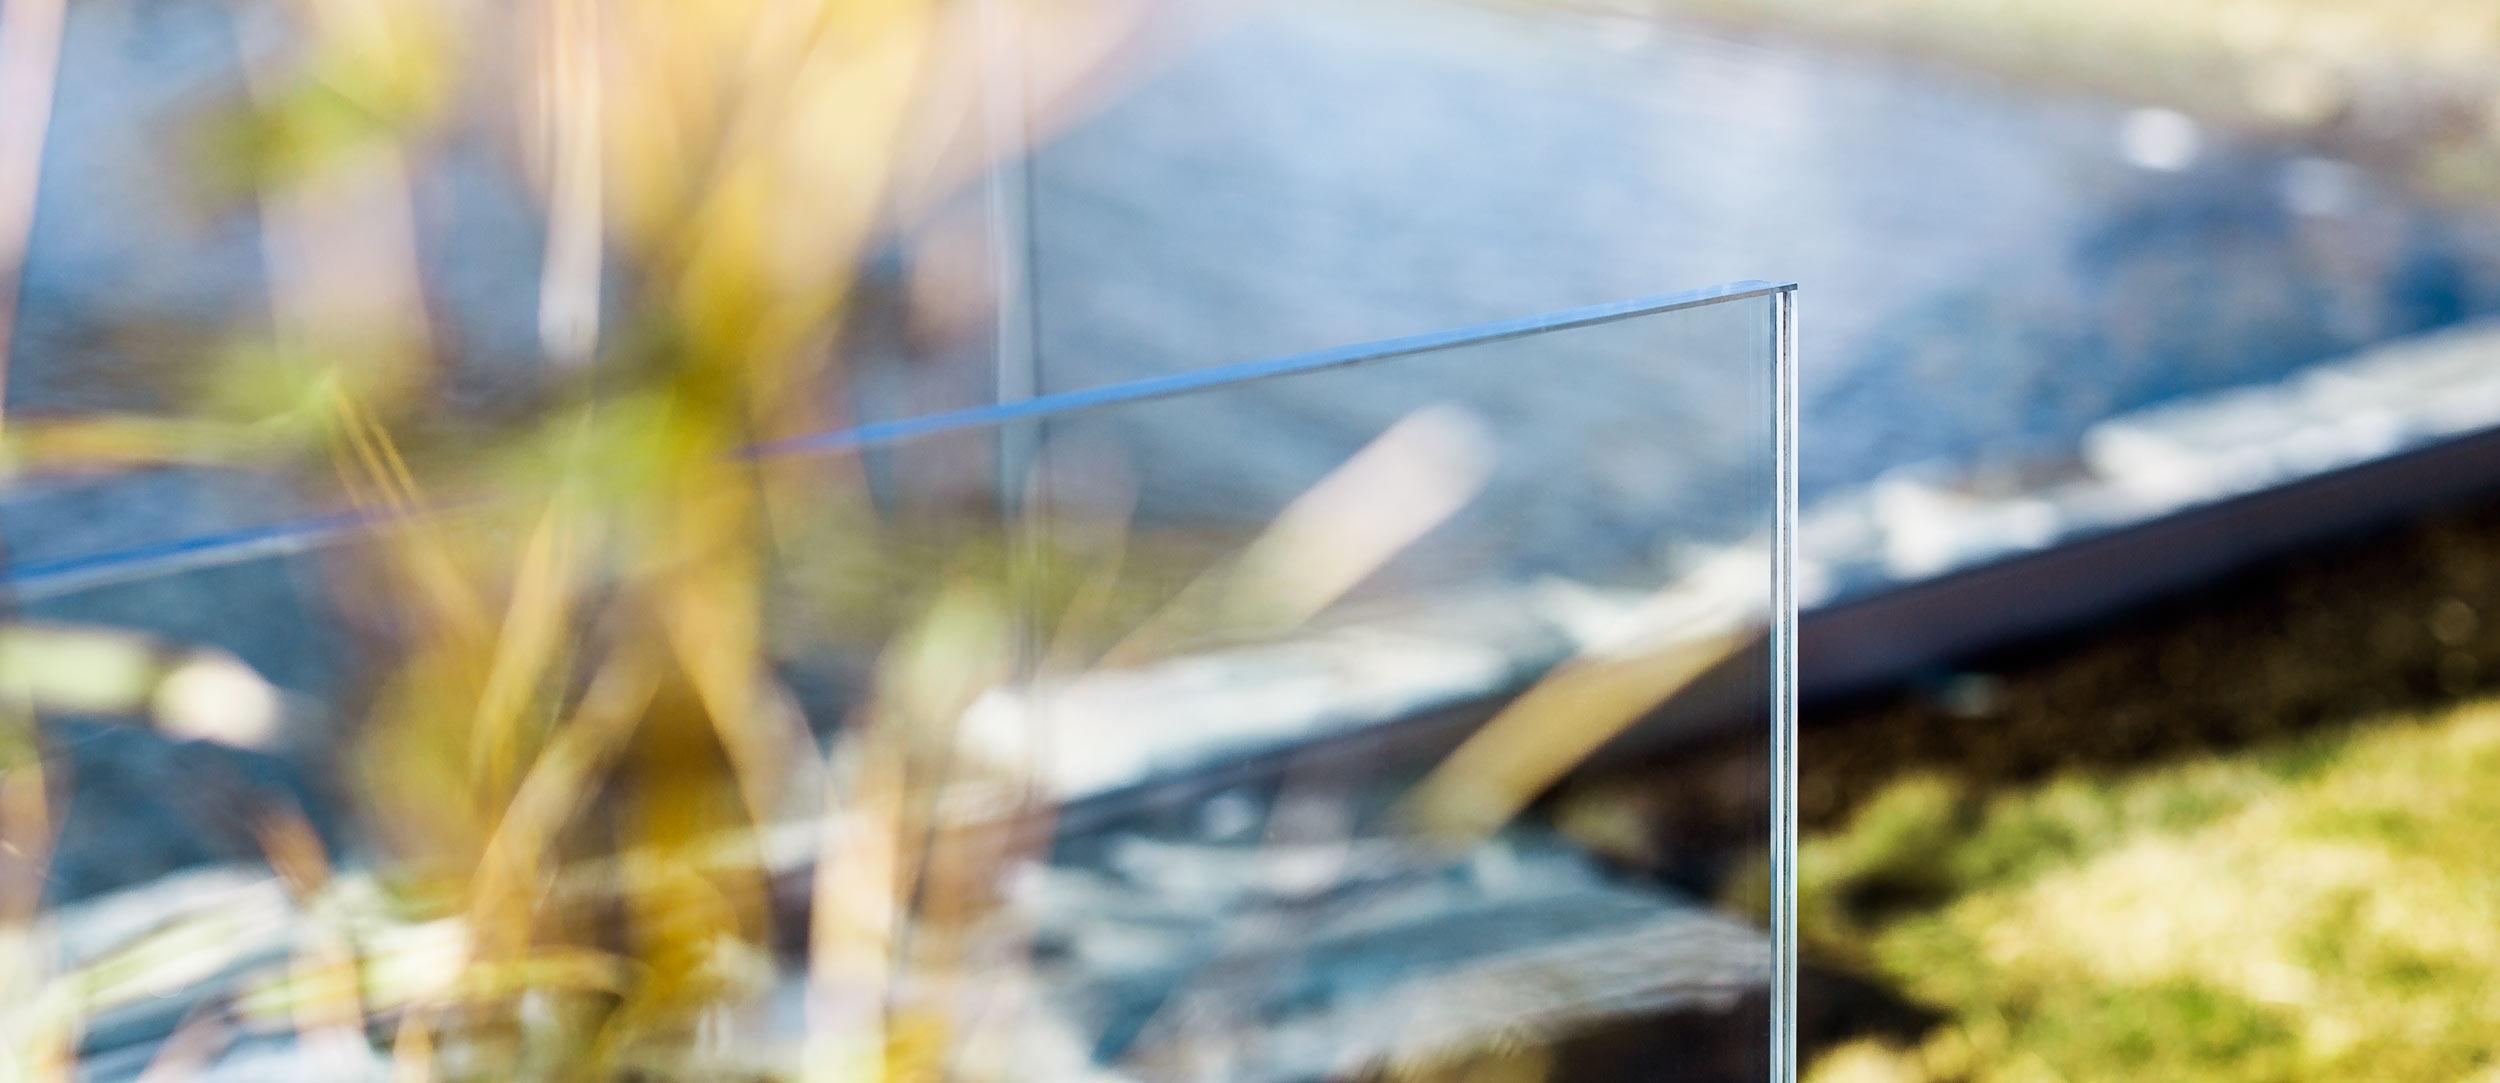 Einar knutsen glass